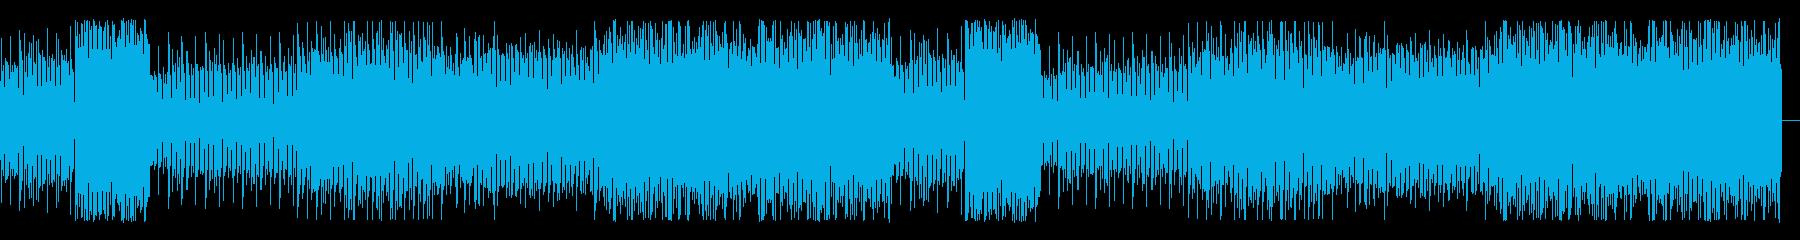 変幻自在ARP4つ打ちポップスの再生済みの波形